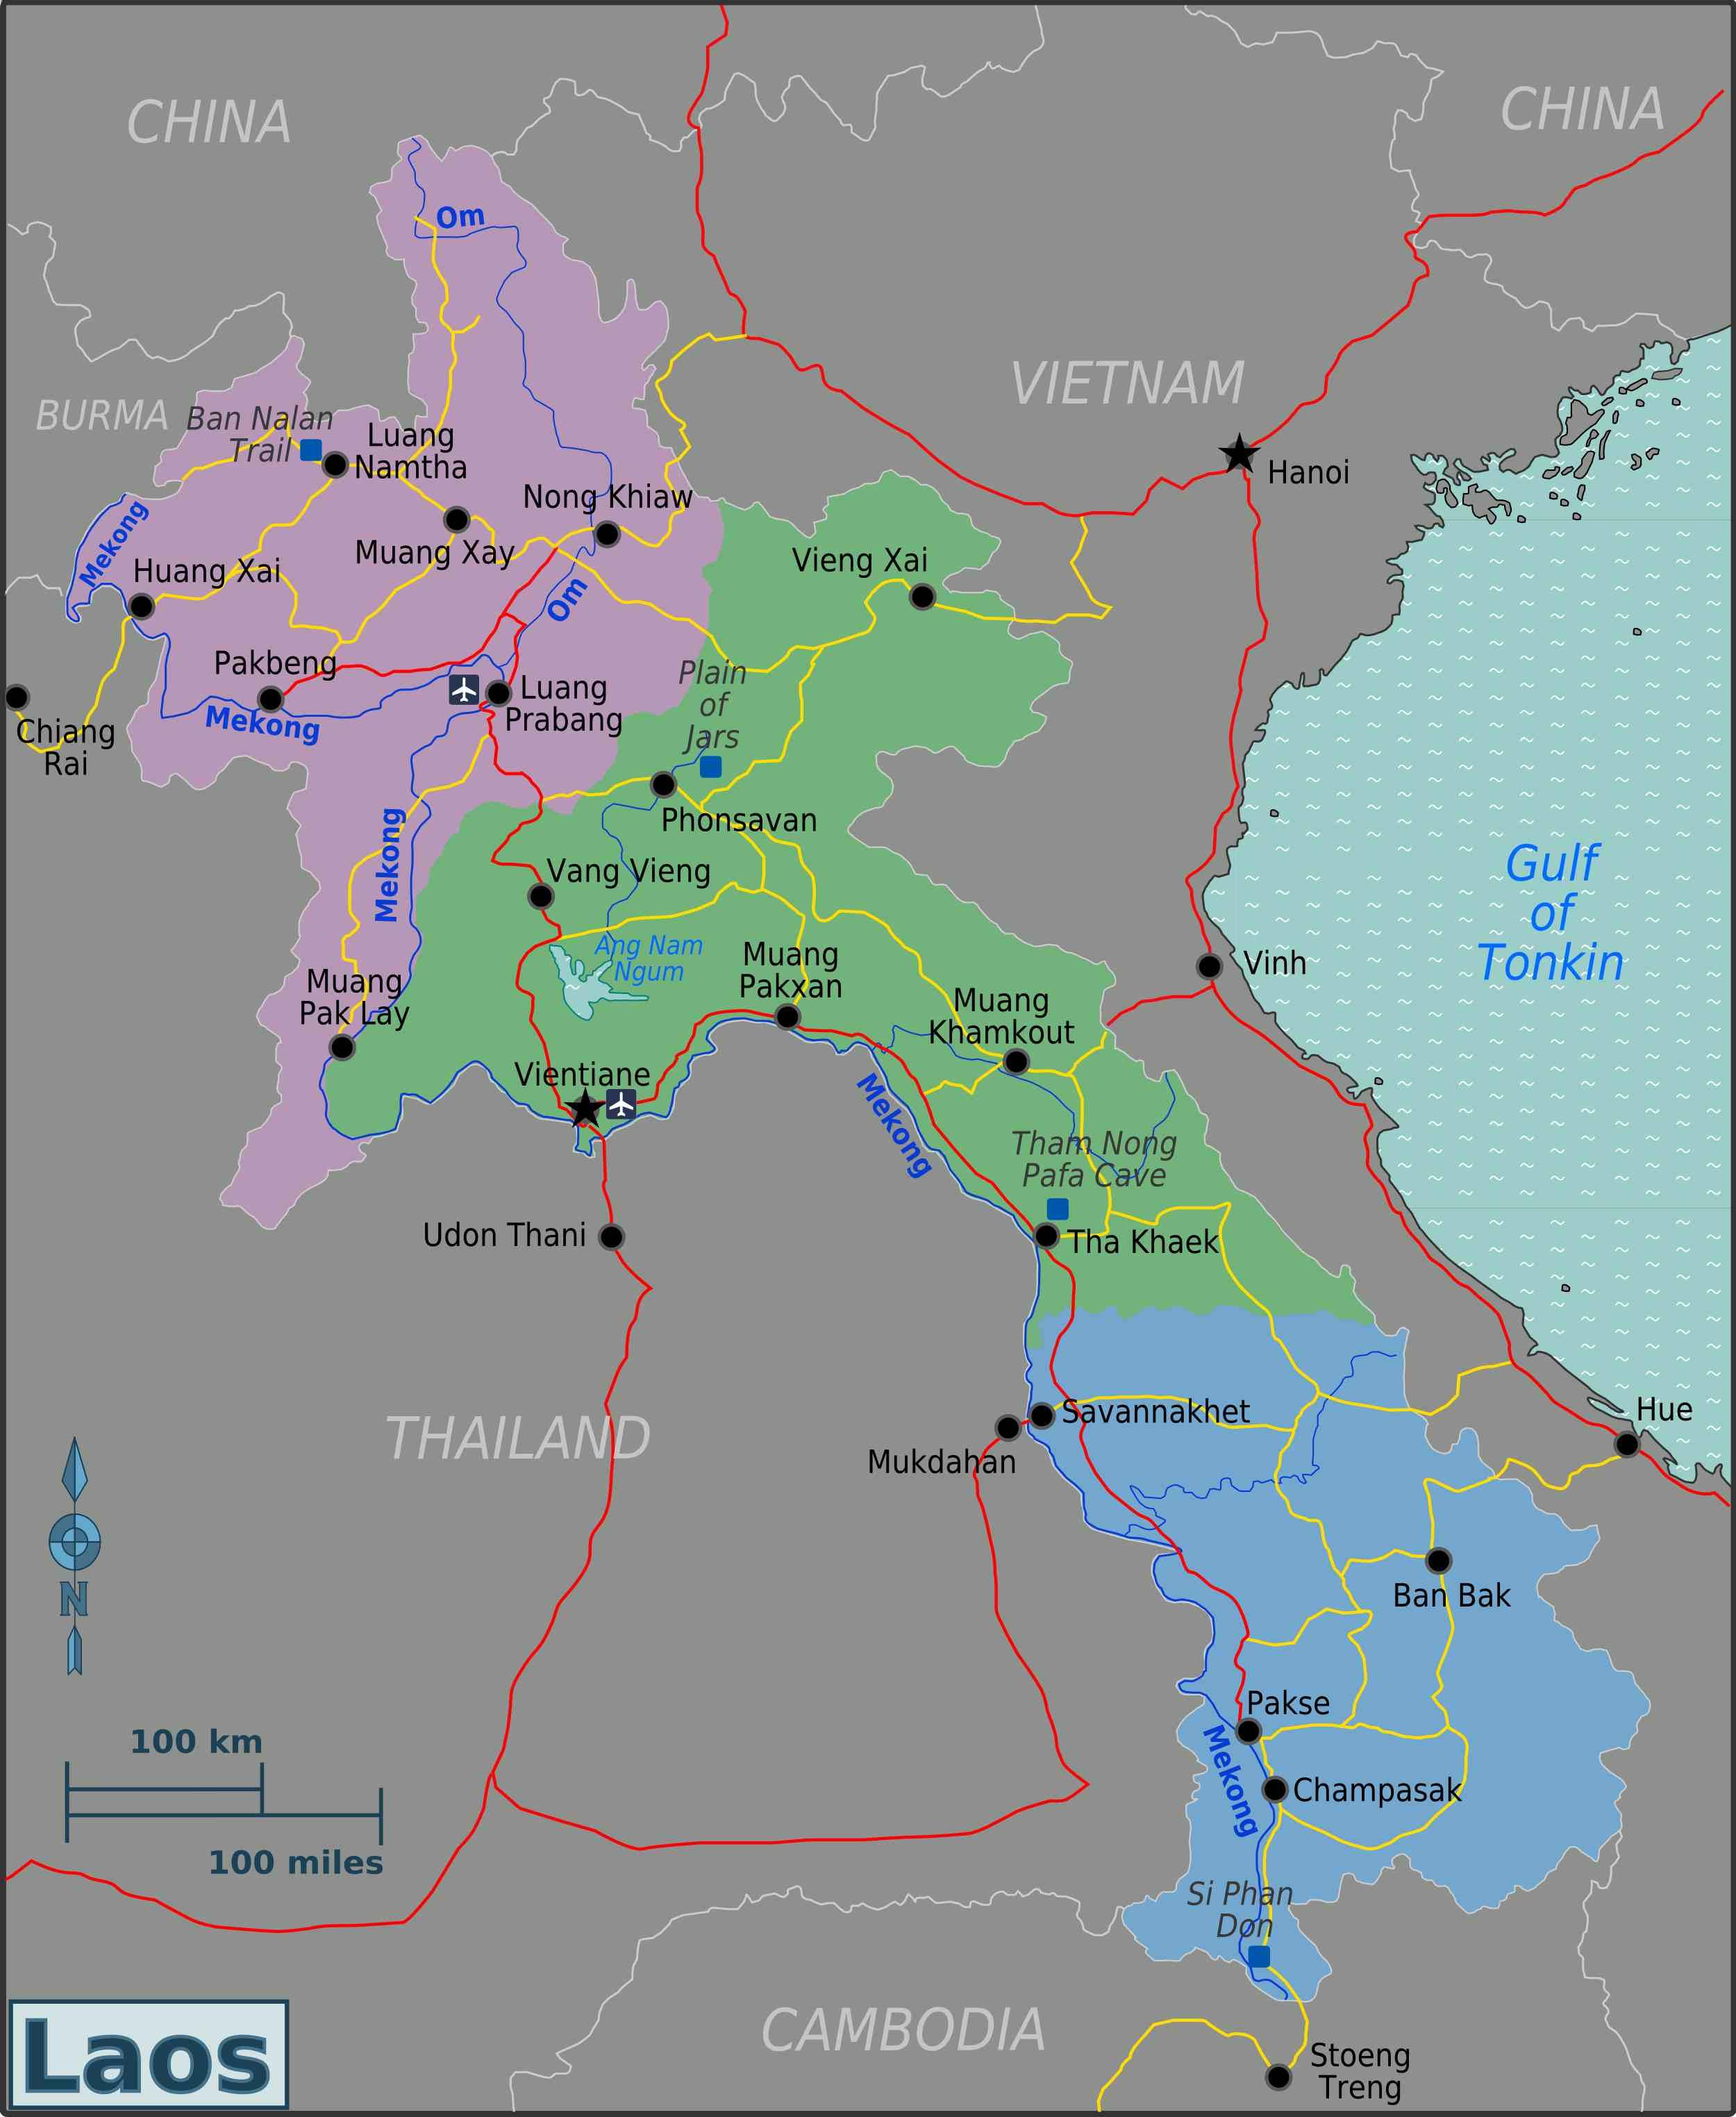 De kaart van Laos